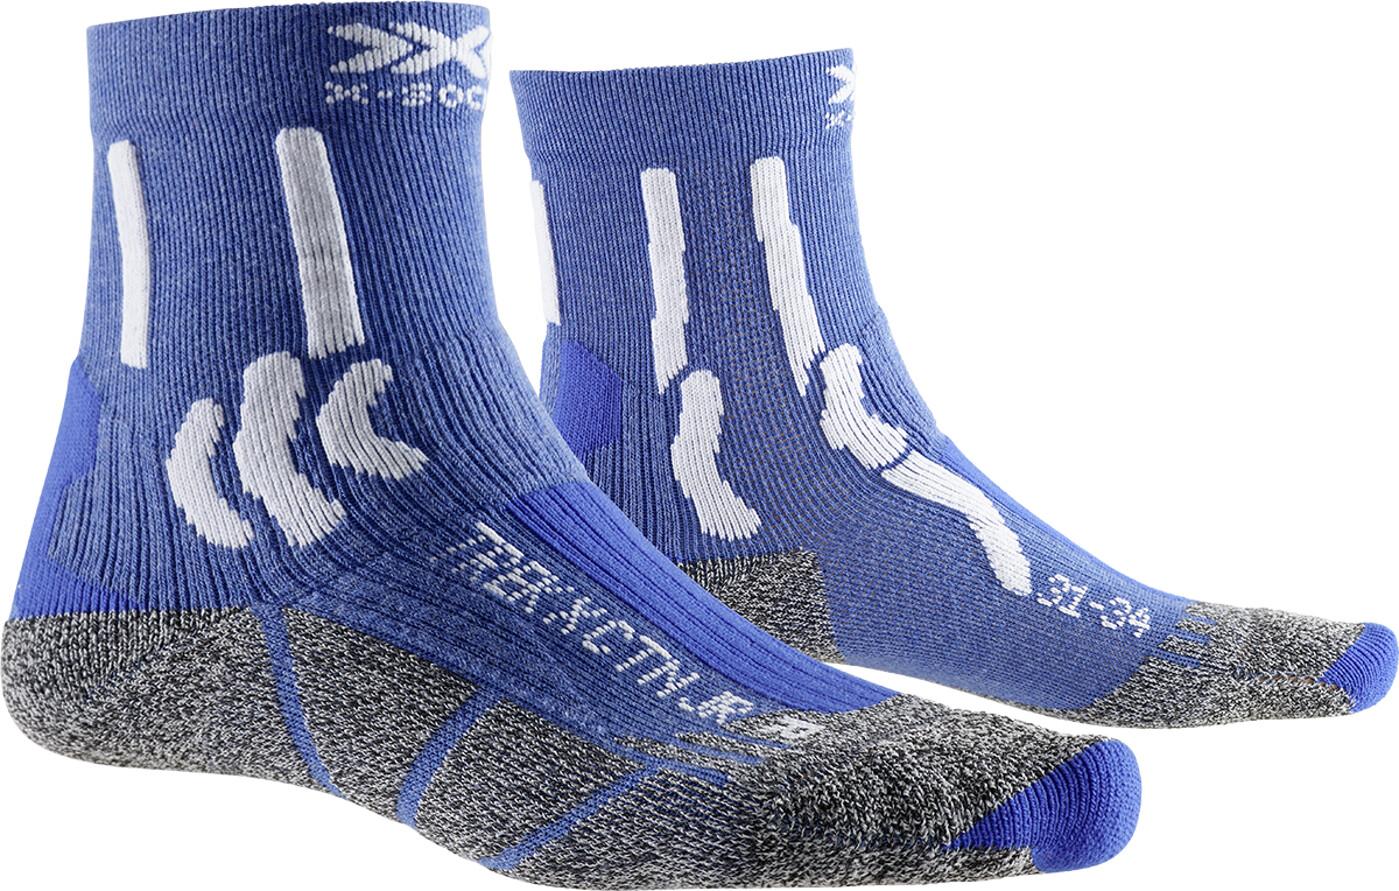 X-BIONIC TREK X COTTON JUNIOR Socken - Kinder